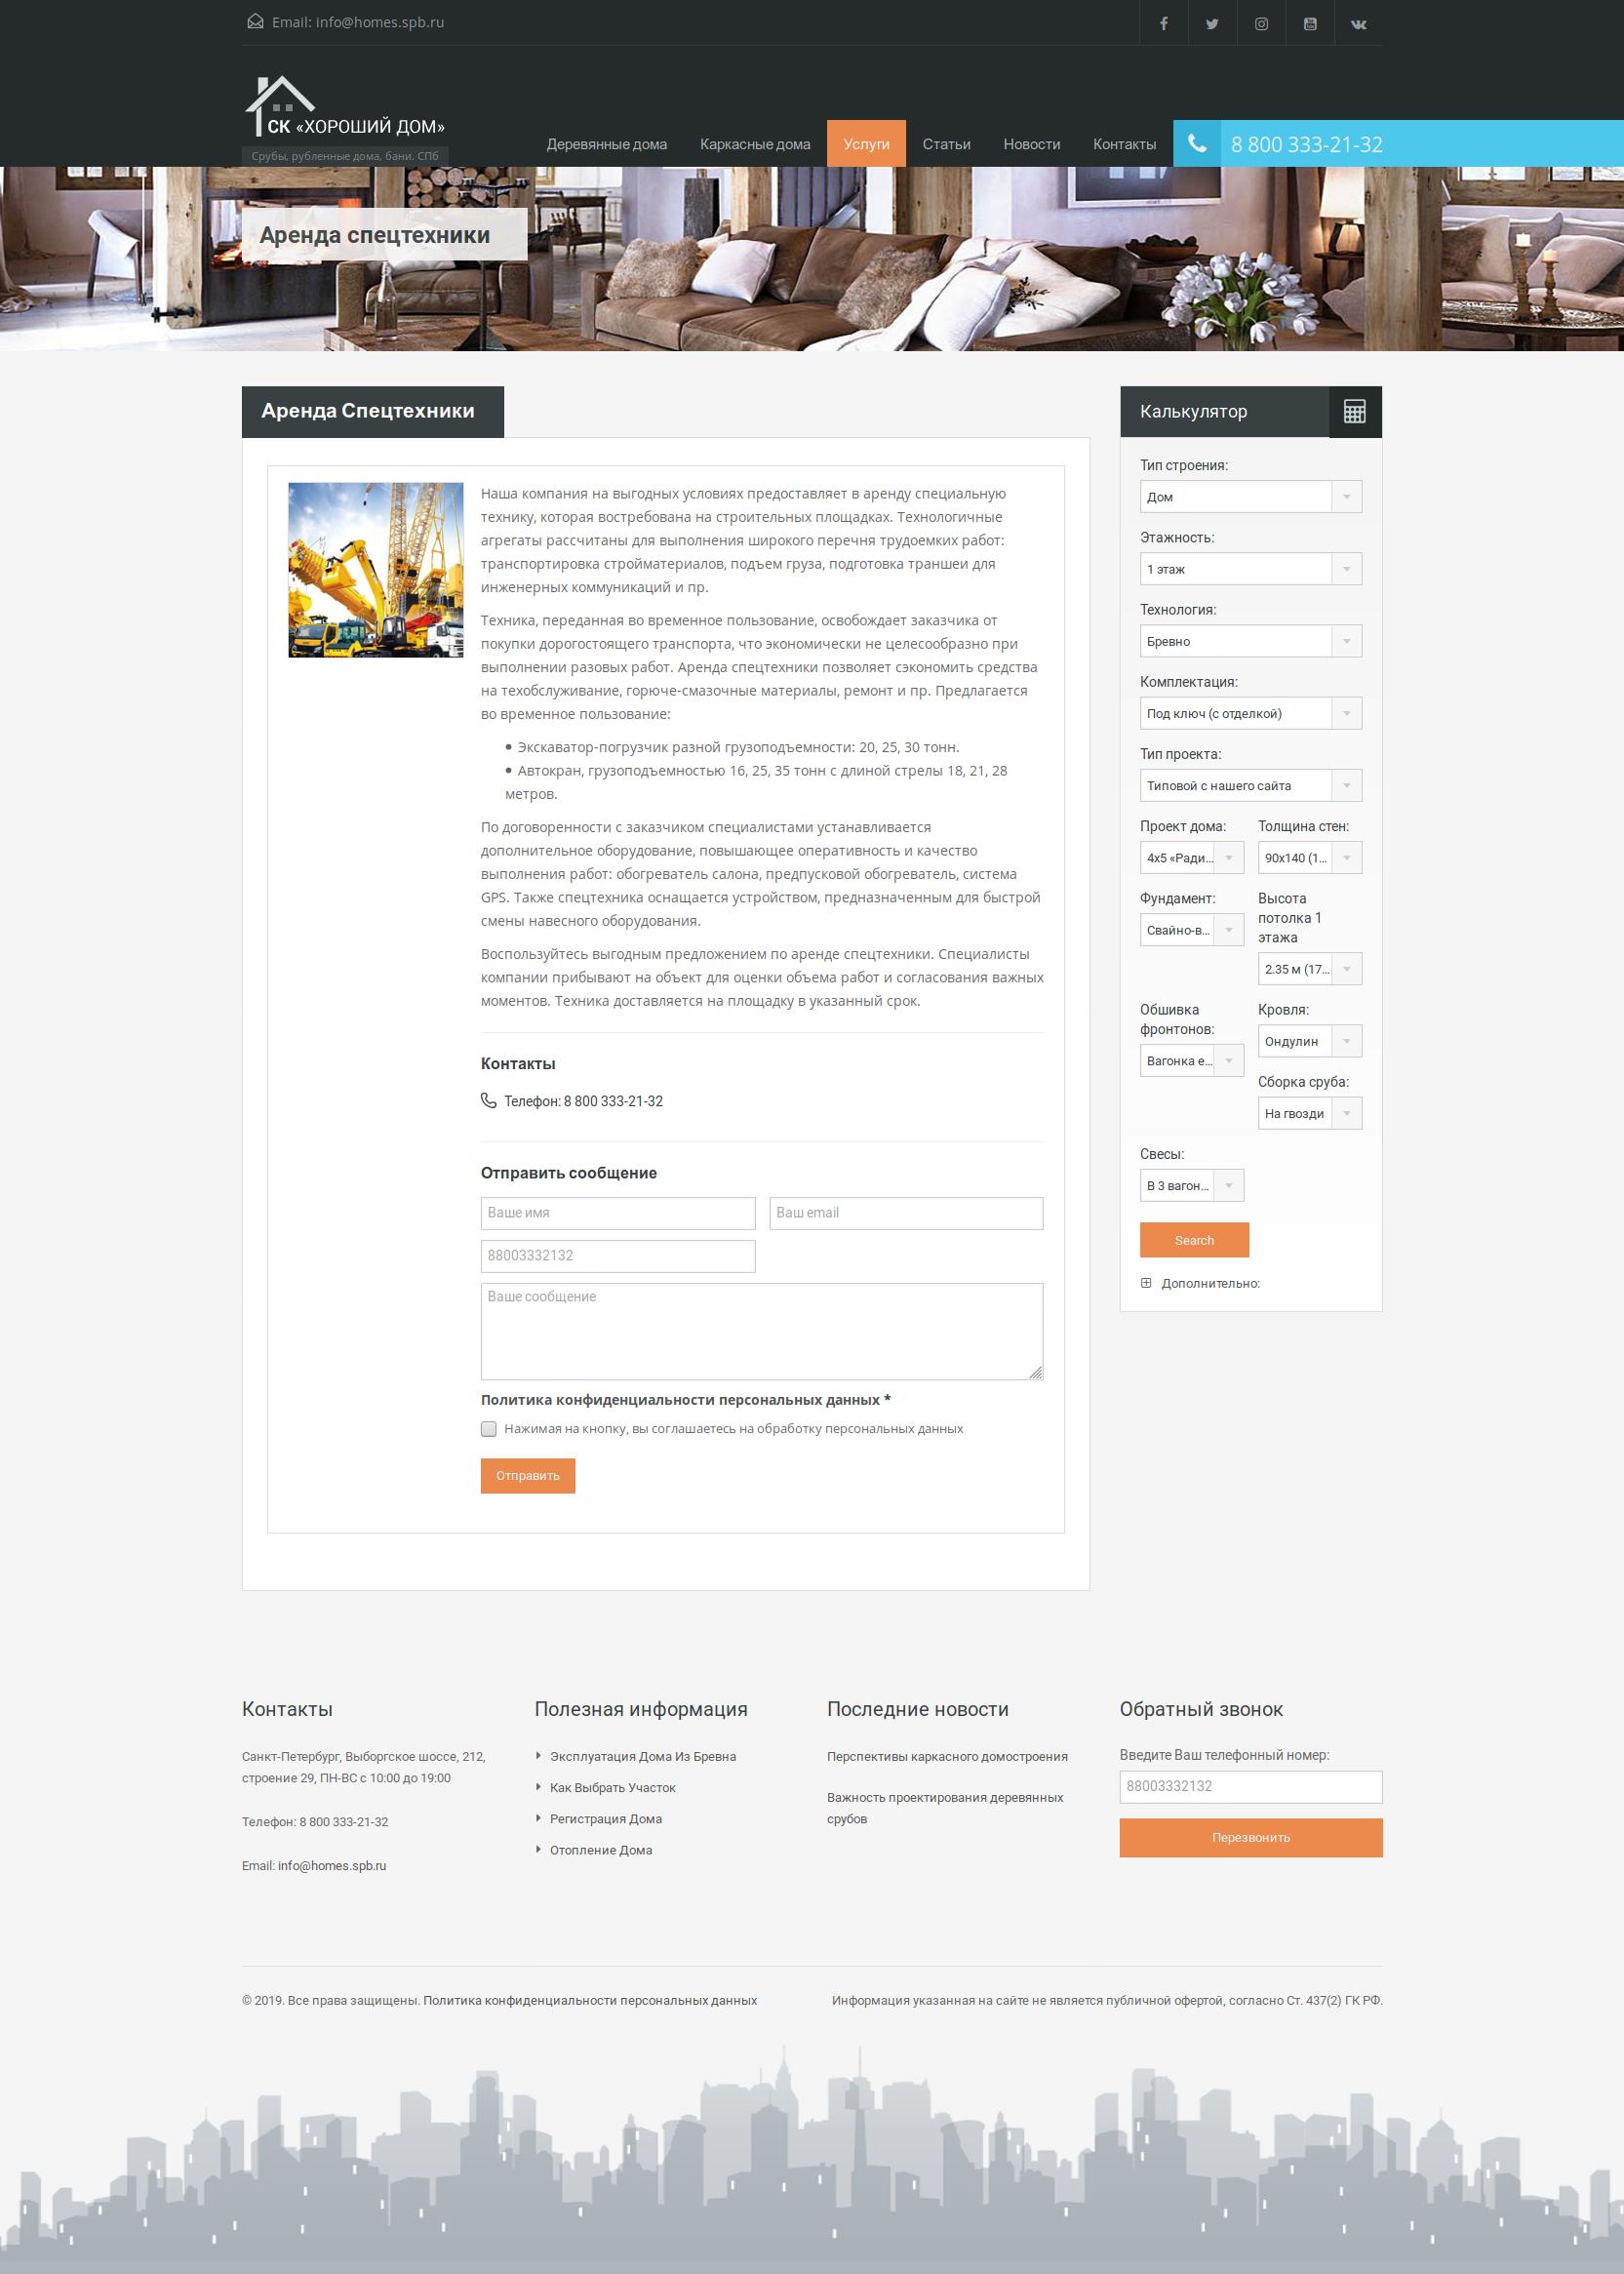 Портфолио Сайт СК Хороший дом, Услуги описание